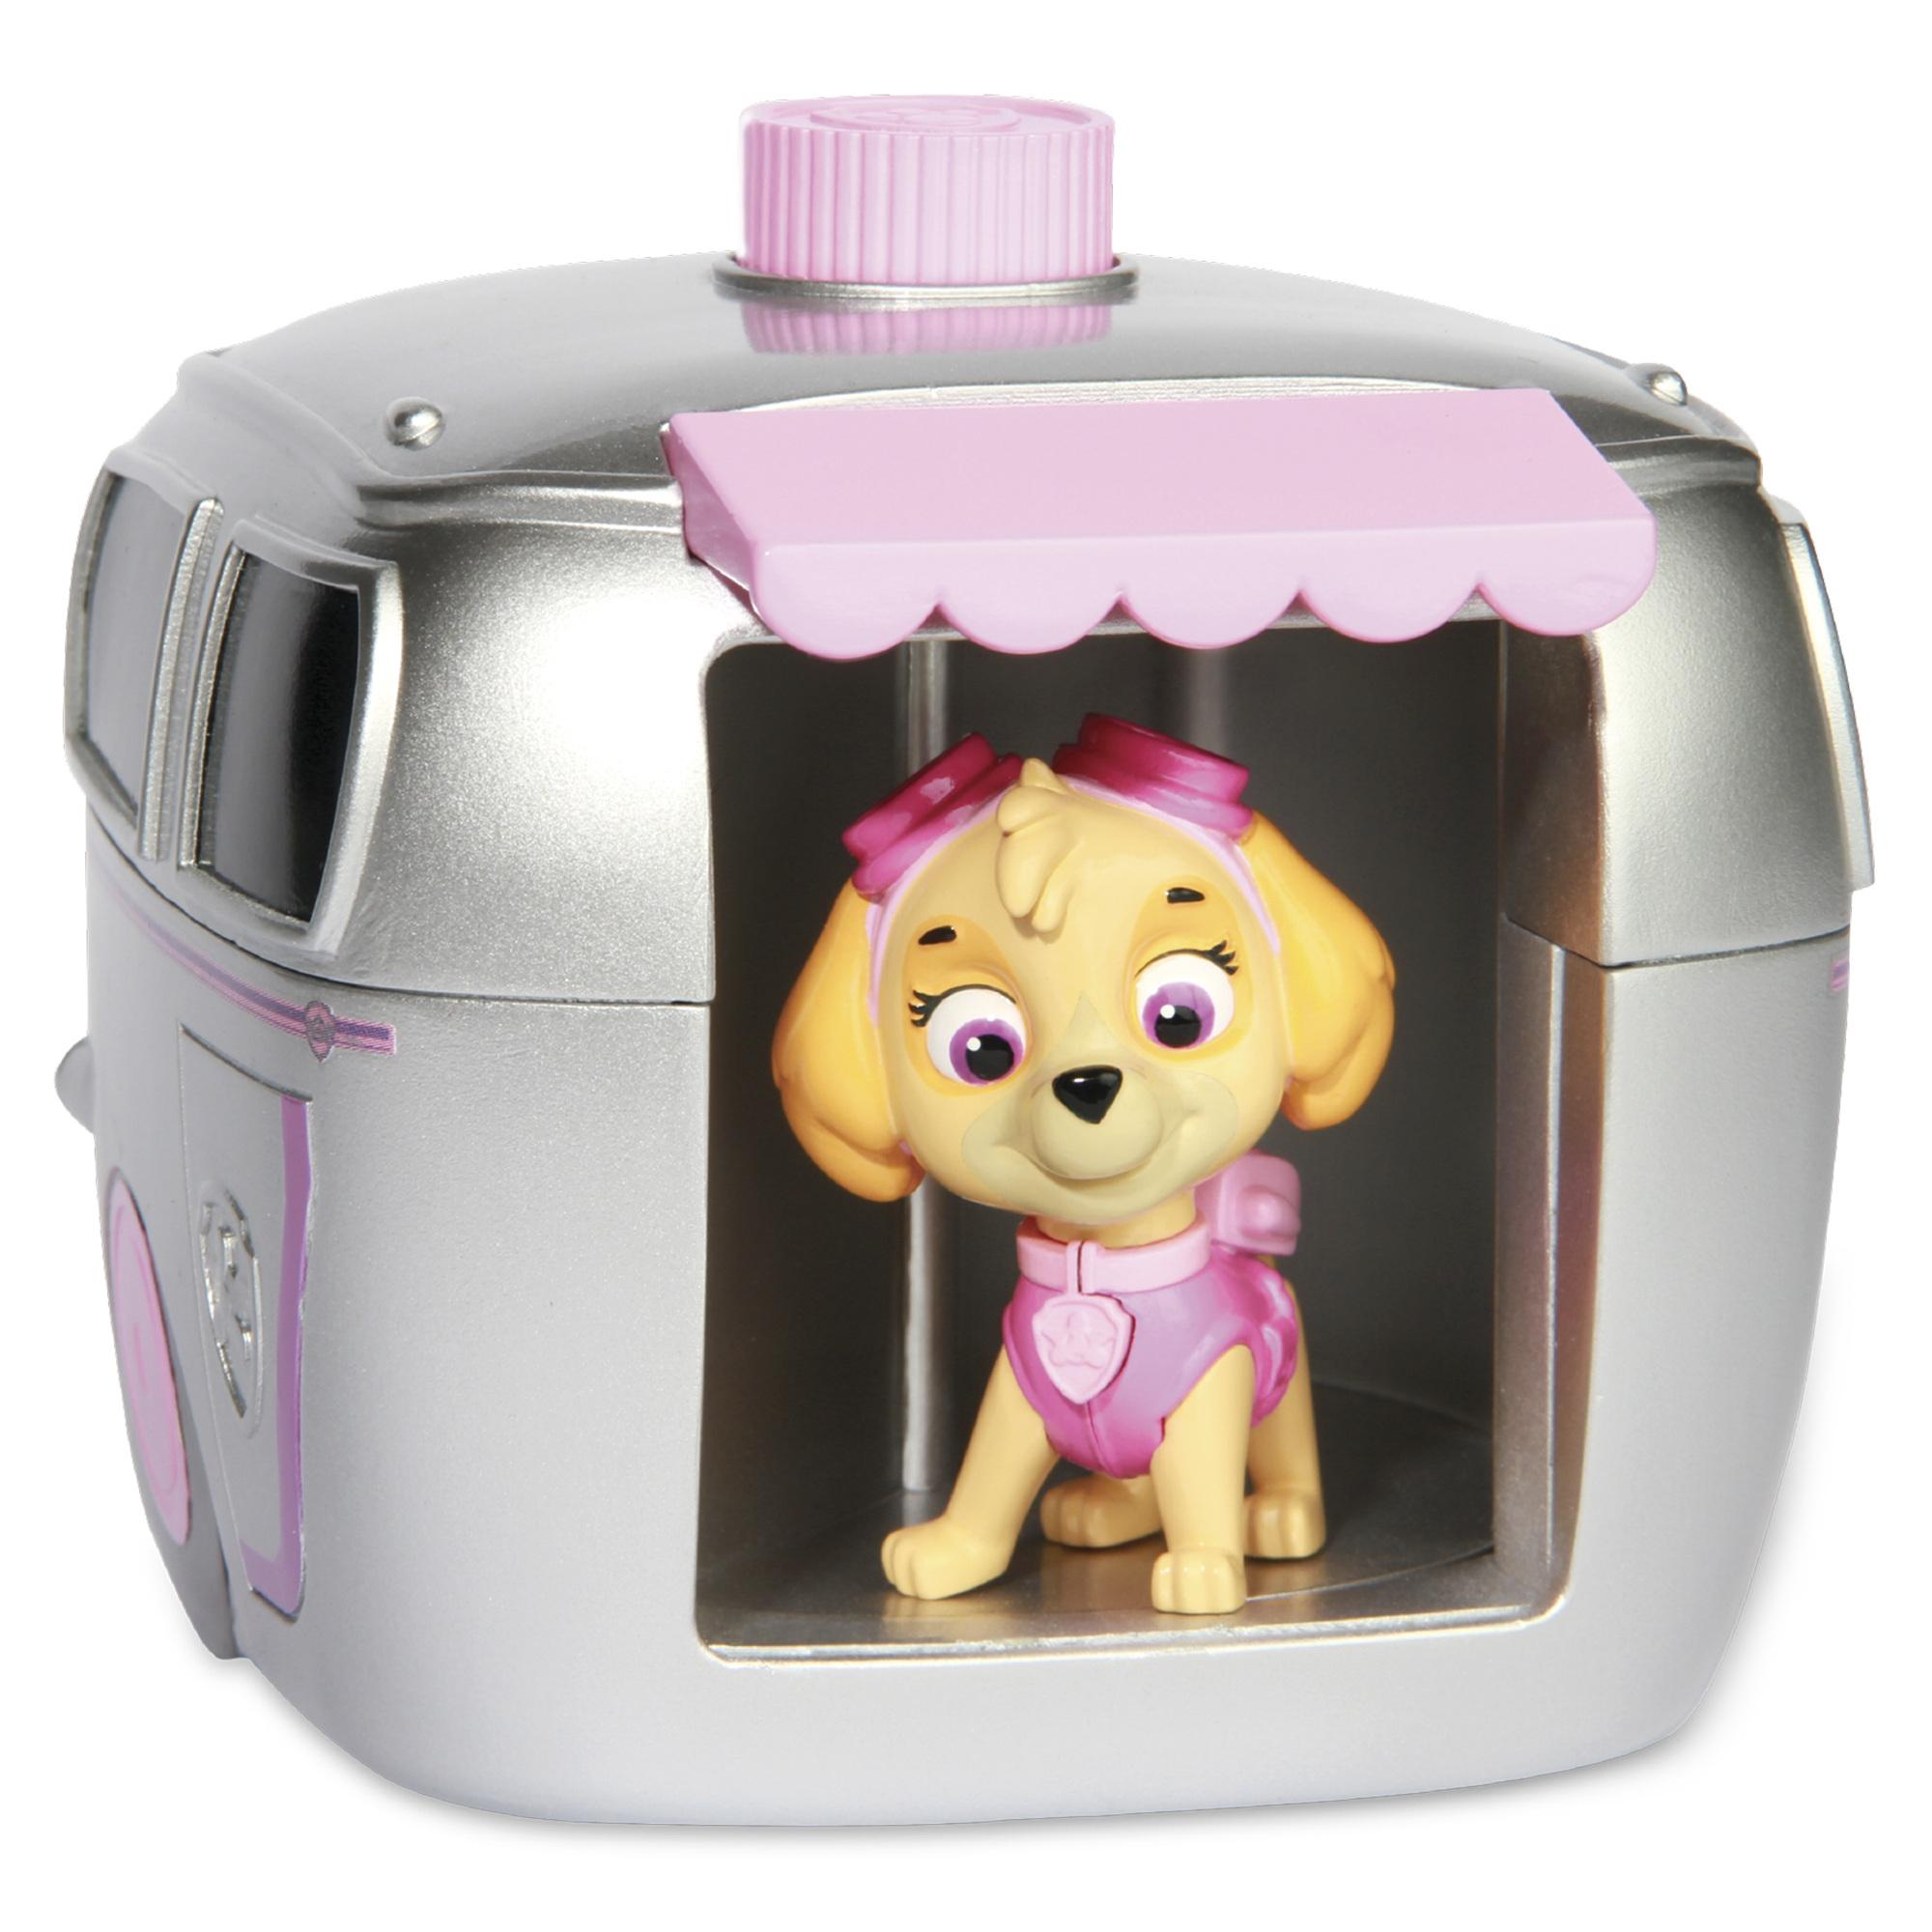 Купить Игровой набор, Два щенка в домике, 1шт., Paw Patrol 16660, Вьетнам